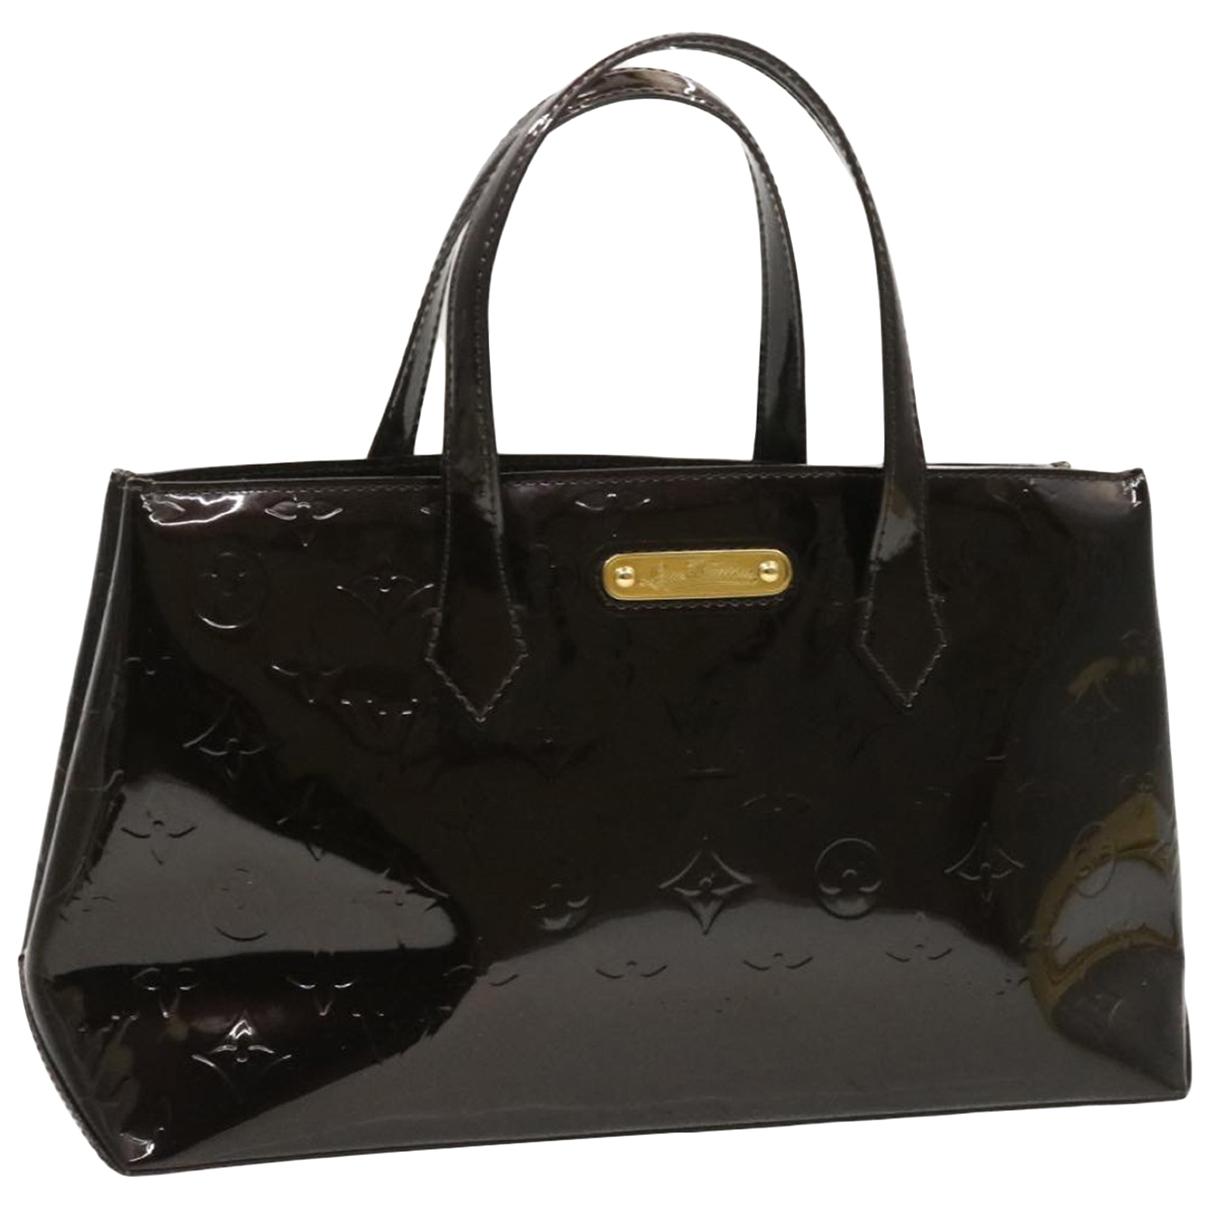 Louis Vuitton Wilshire Purple Patent leather handbag for Women N